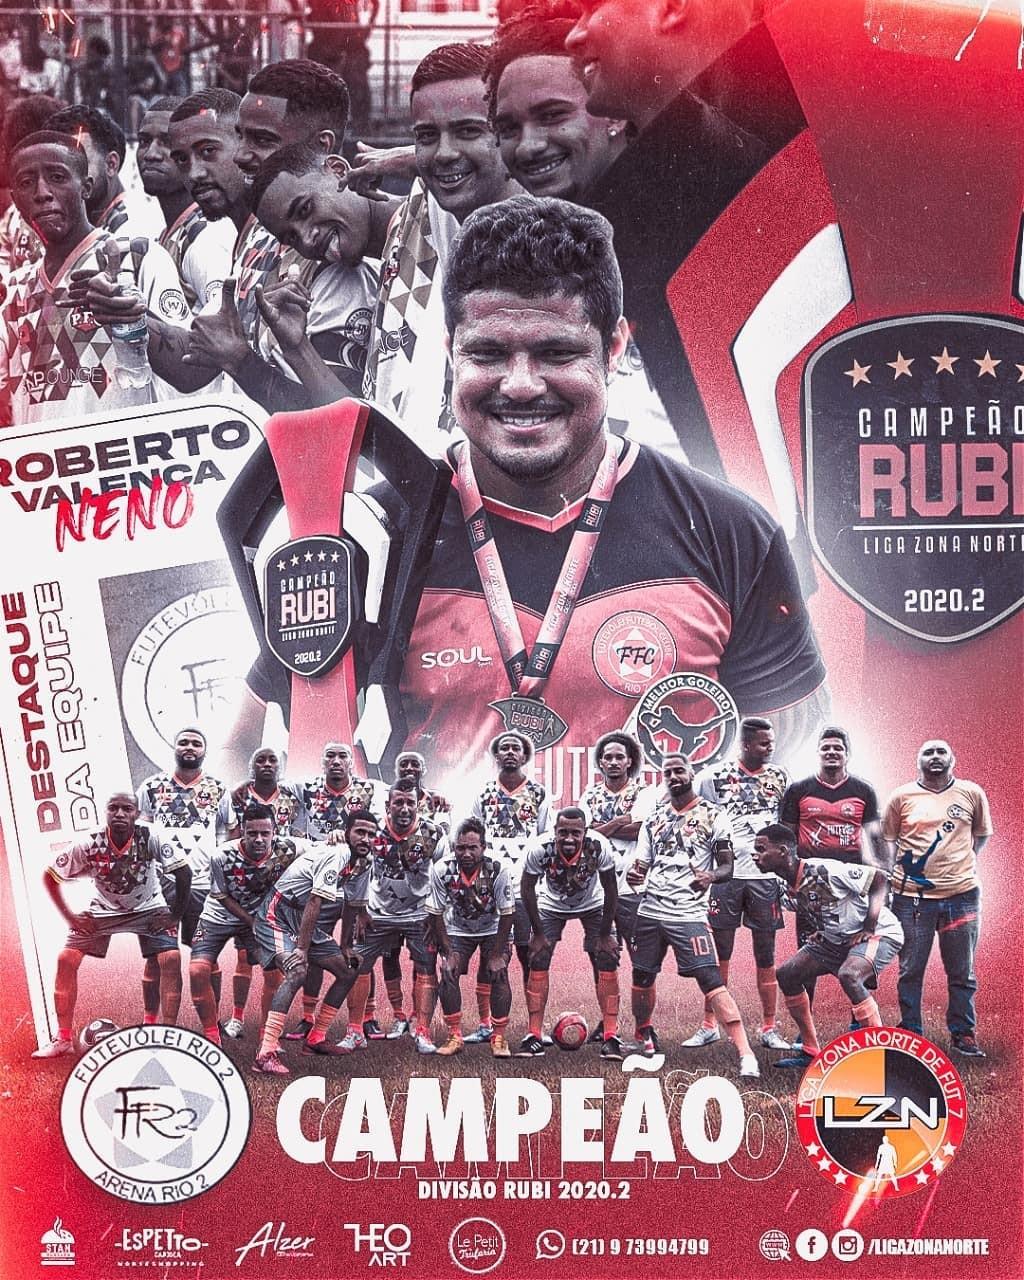 Futevolei - Campeão Rubi 2020.2